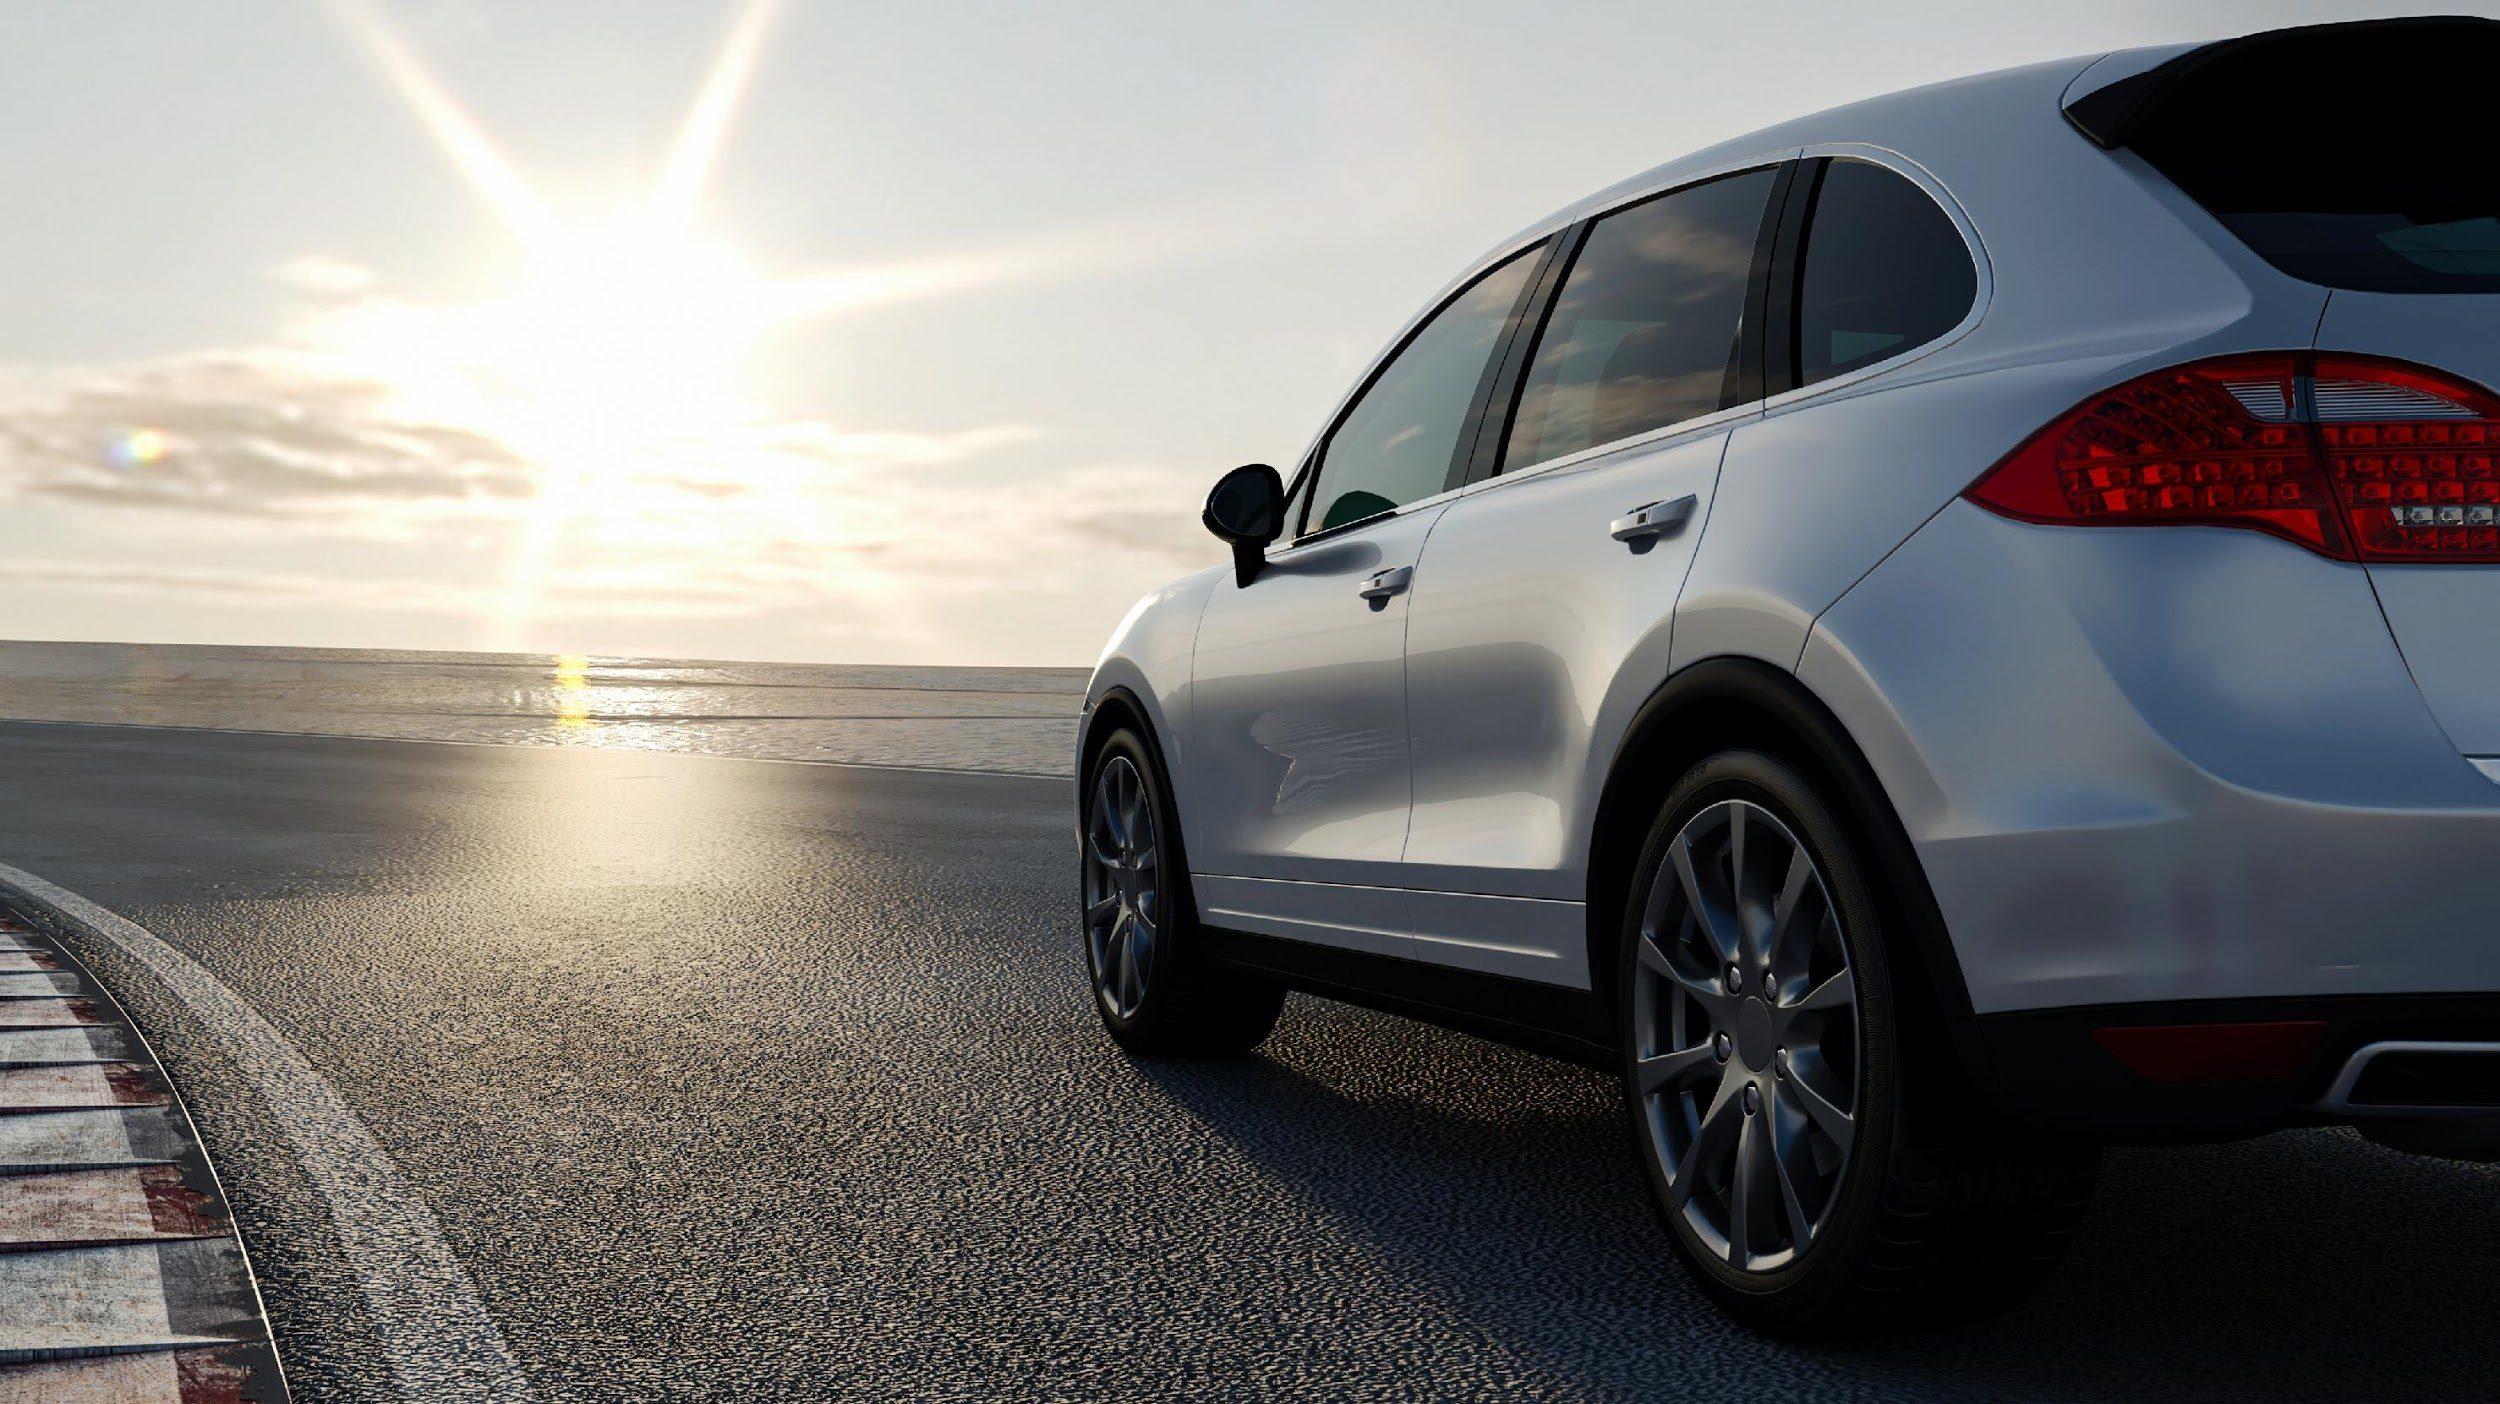 Dowiedz się, jak kupić ubezpieczenie OC samochodu